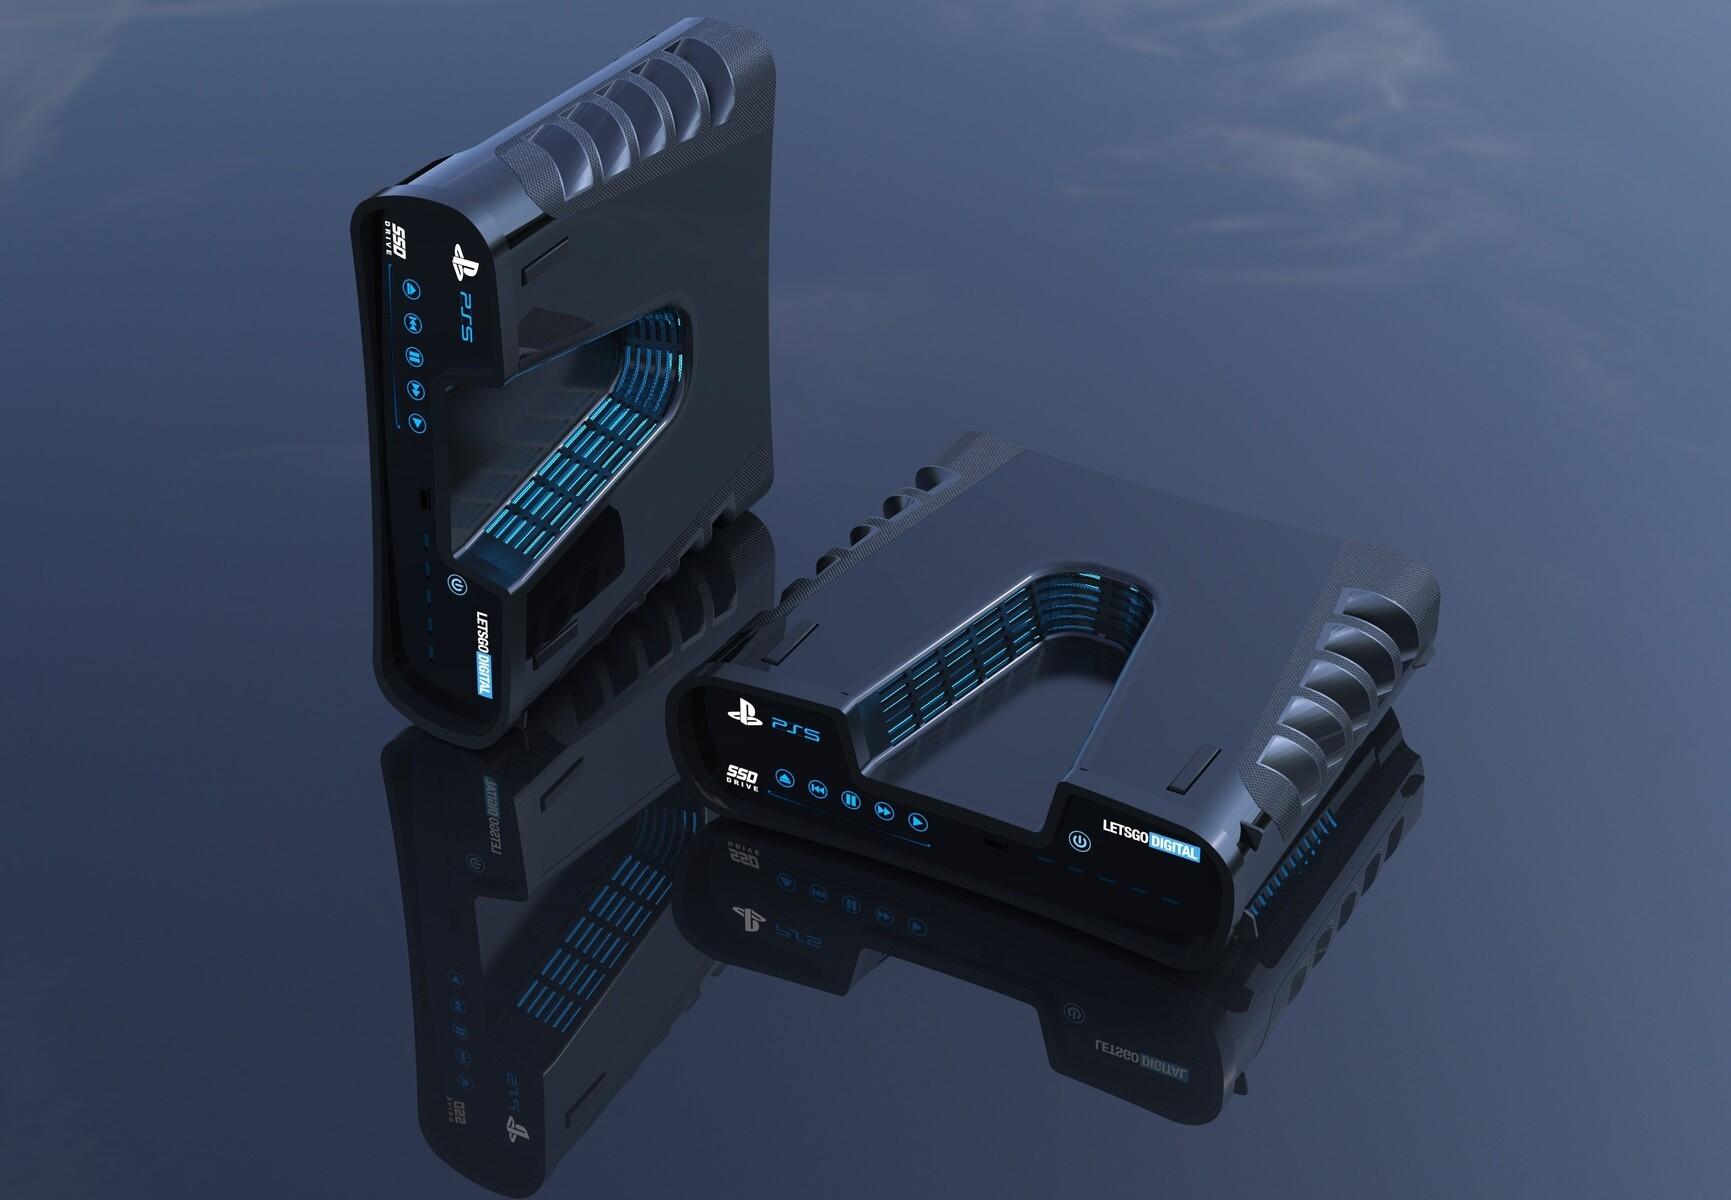 索尼日本官网曝光PS5图标 PS5正式外观真是深V造型?